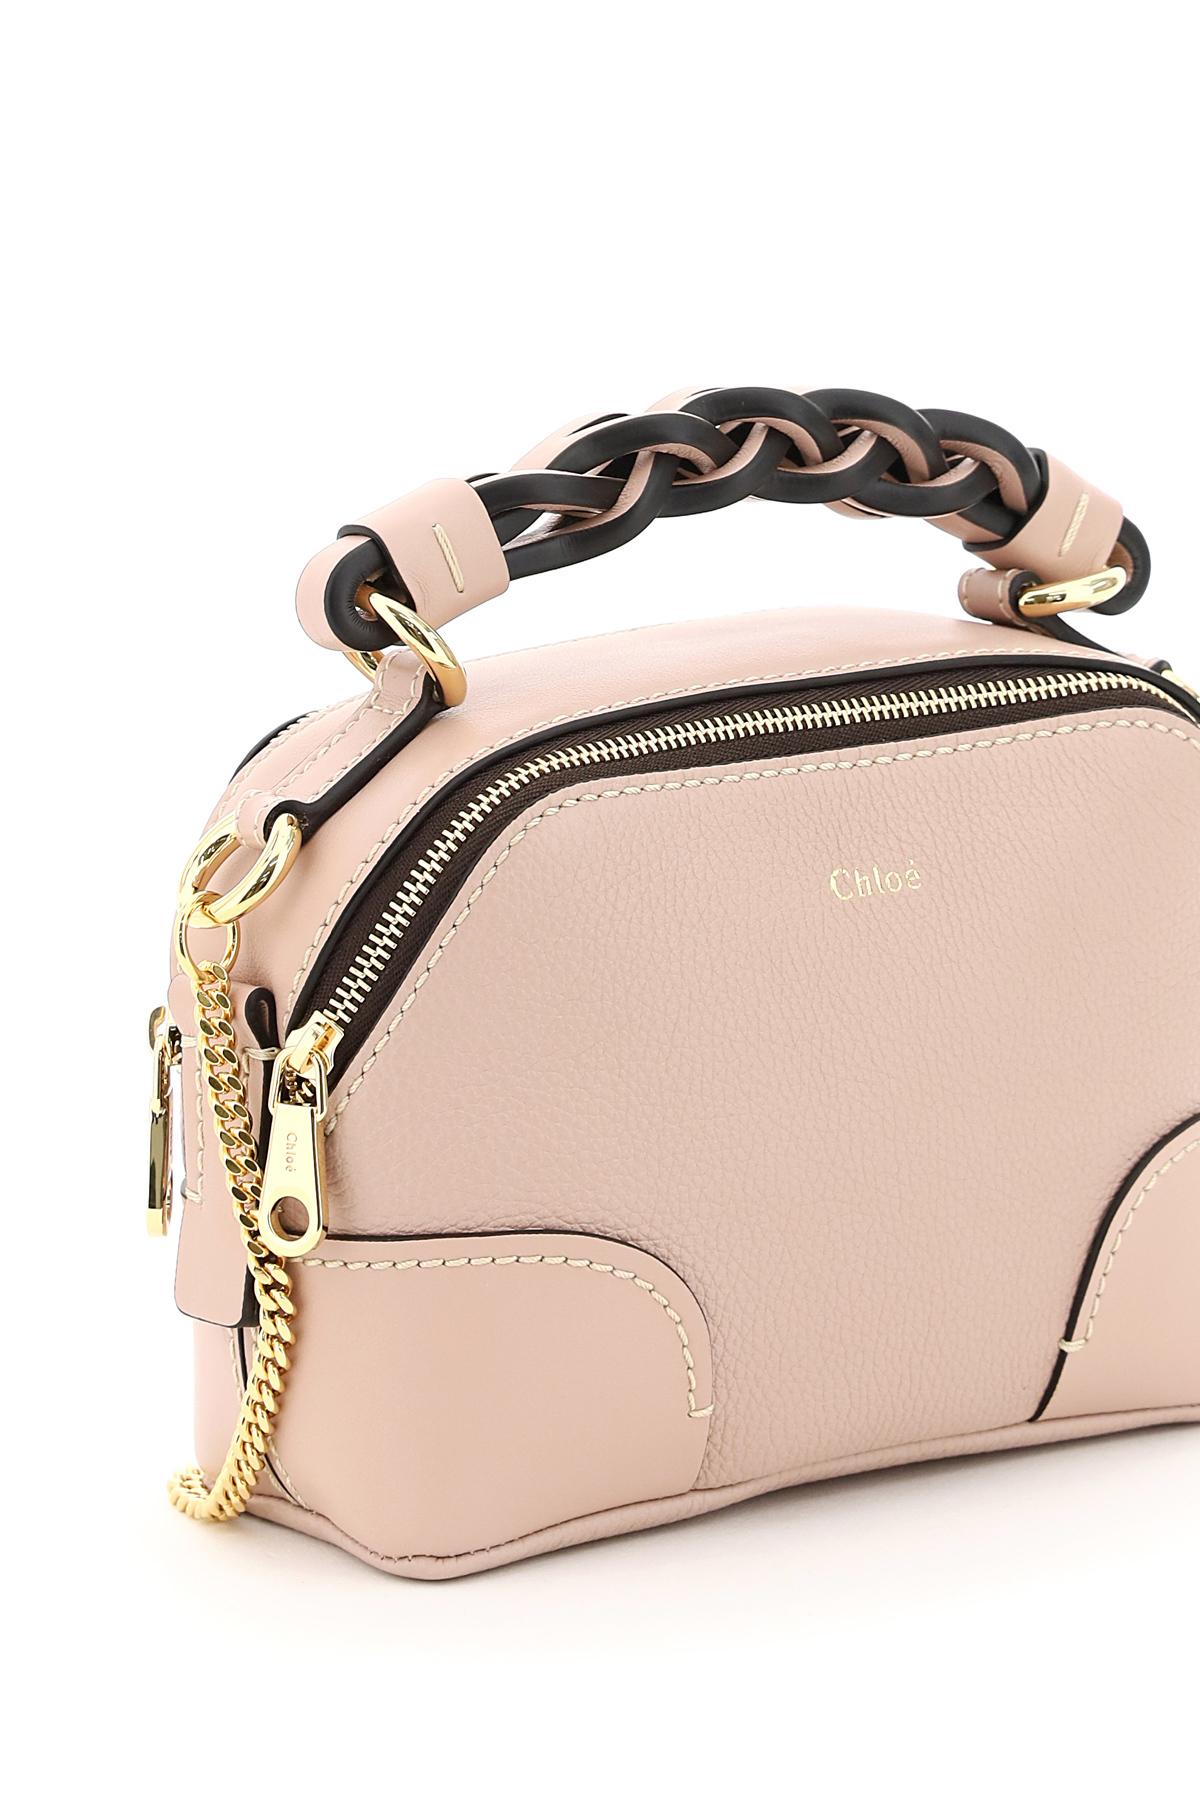 Chloe' borsa in pelle daria mini day bag